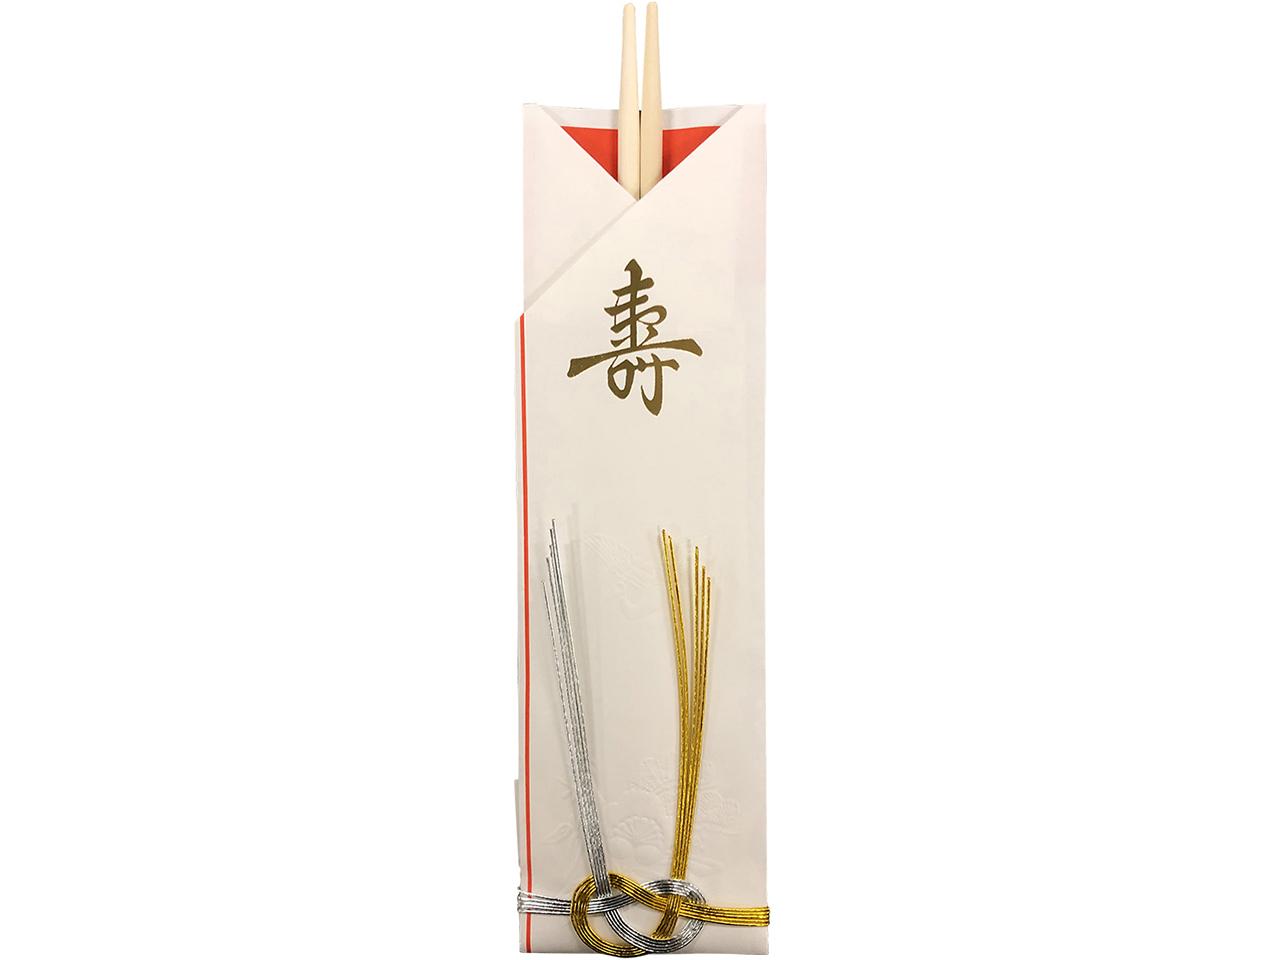 お買い得な輸入の割り箸 「アスペン祝箸 水引5膳」 ポストIN発送対応商品